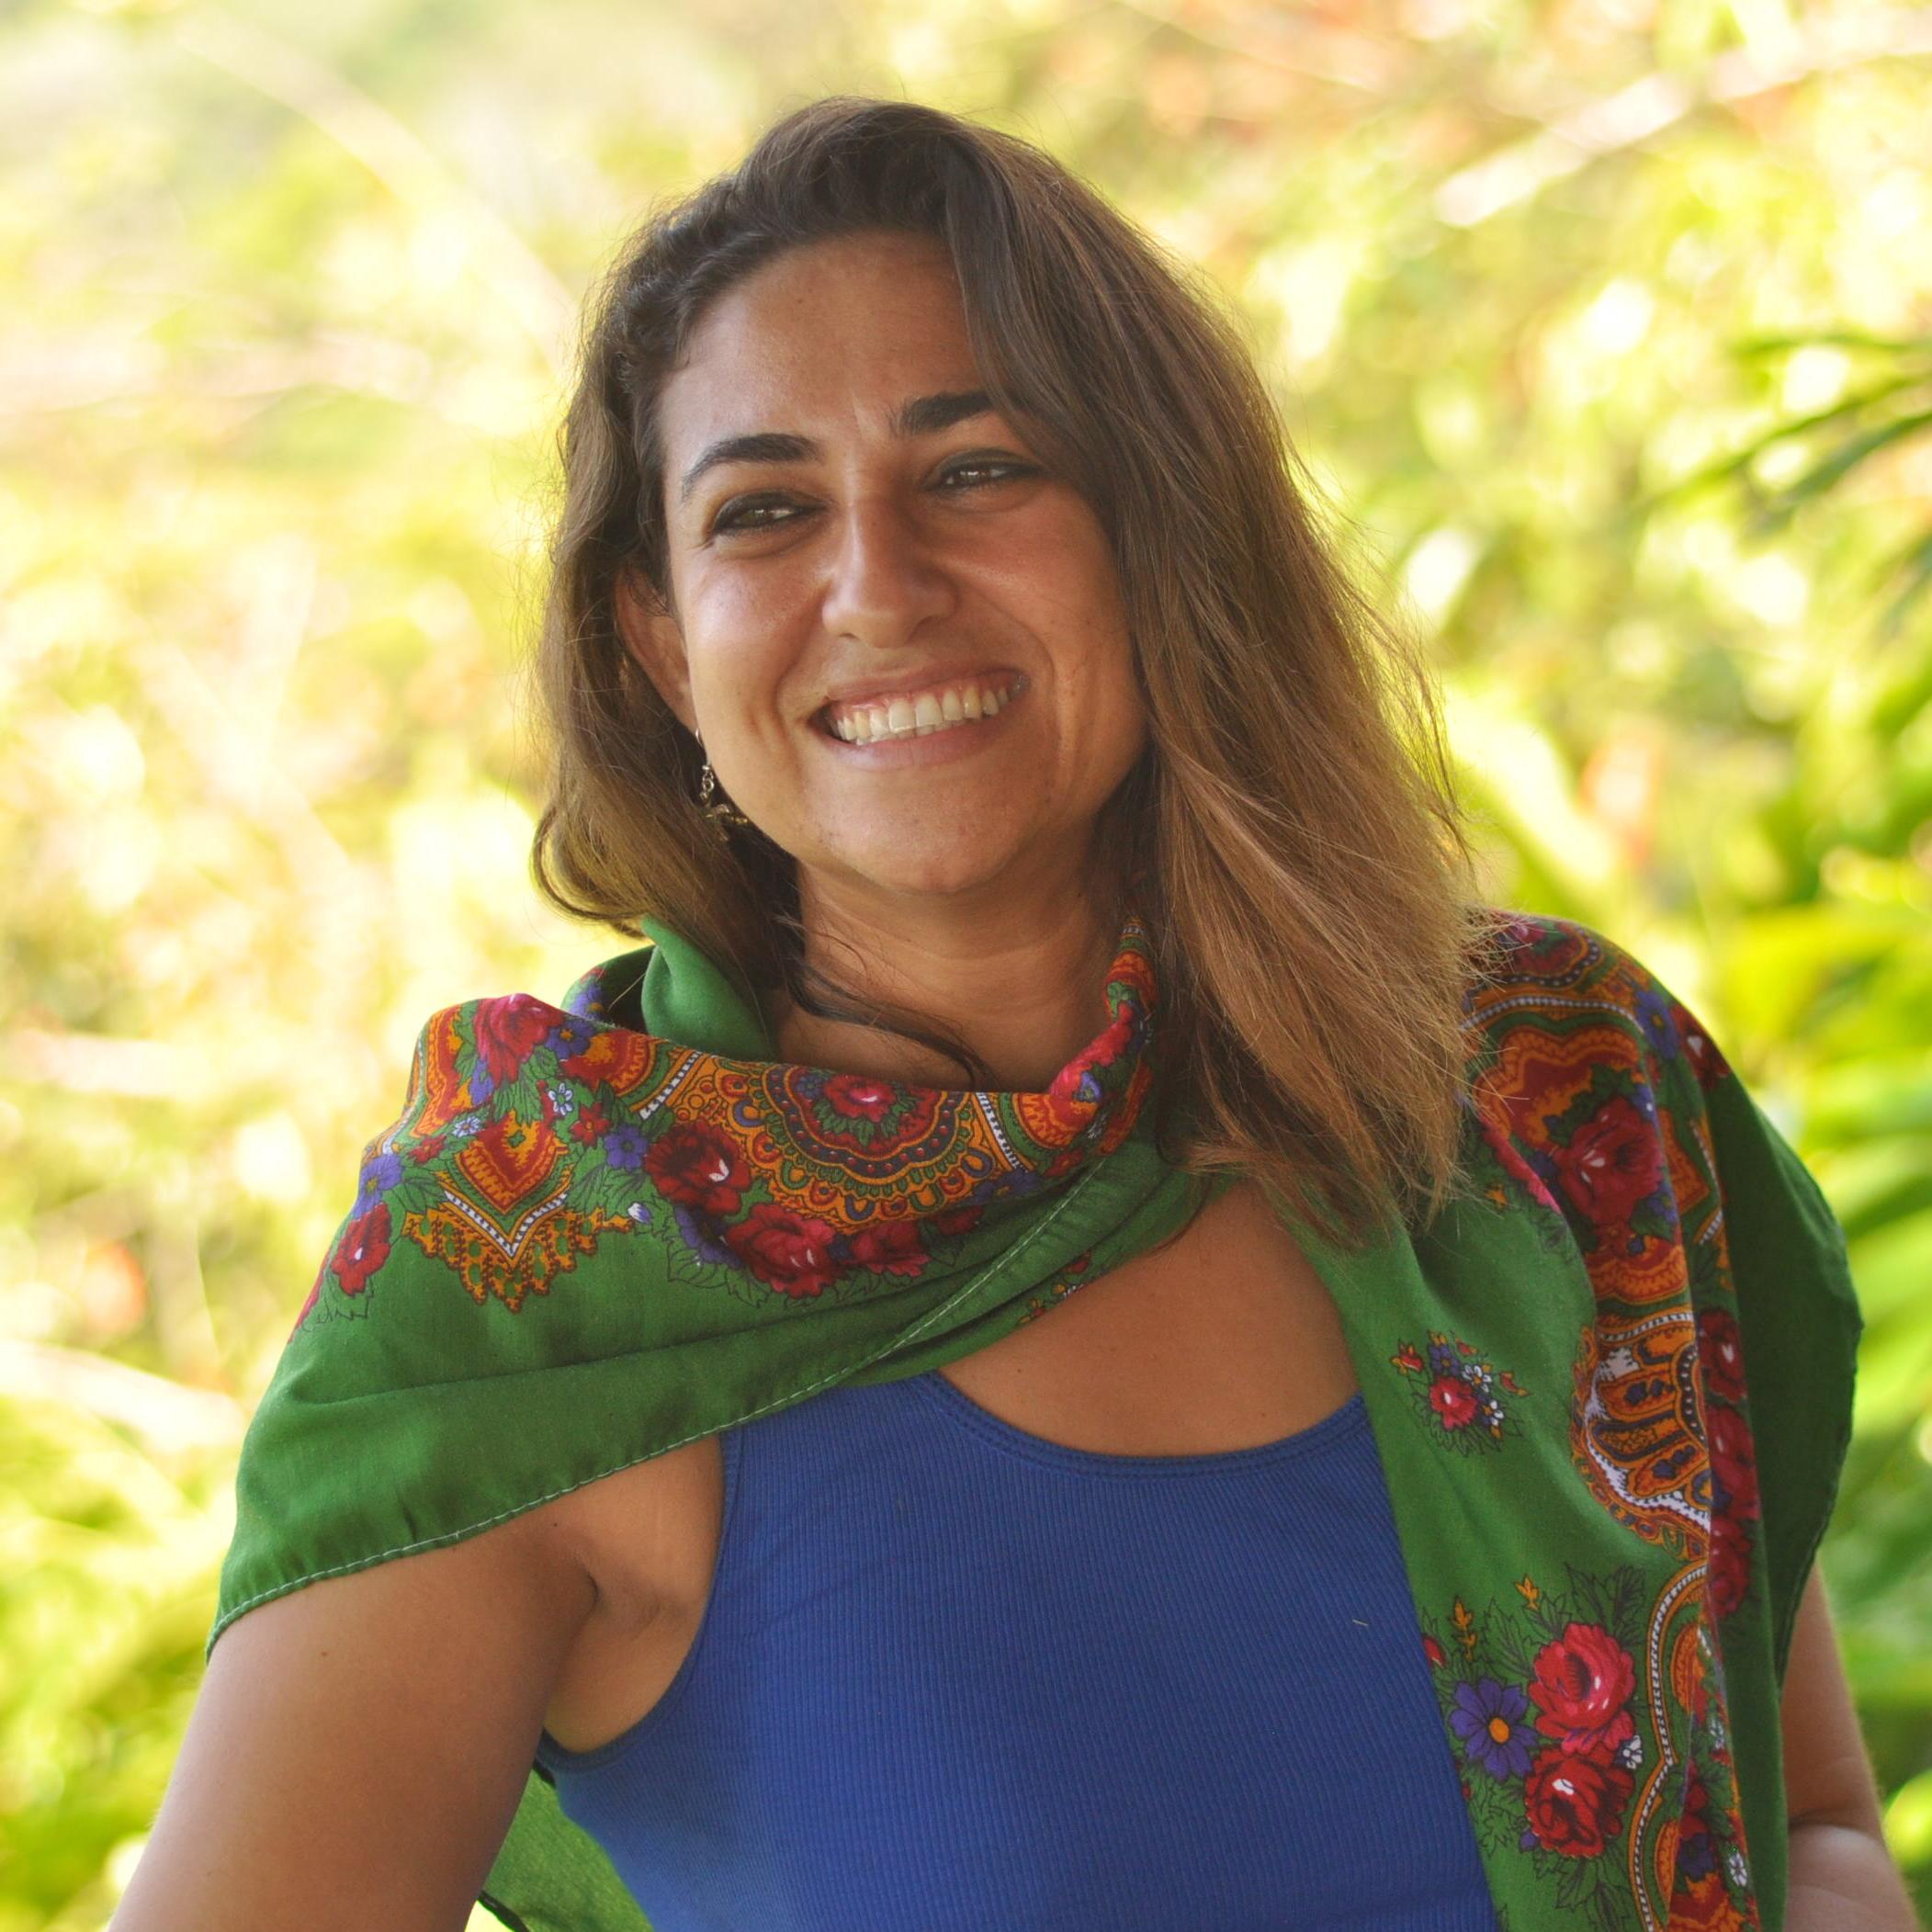 Sara el Sayed